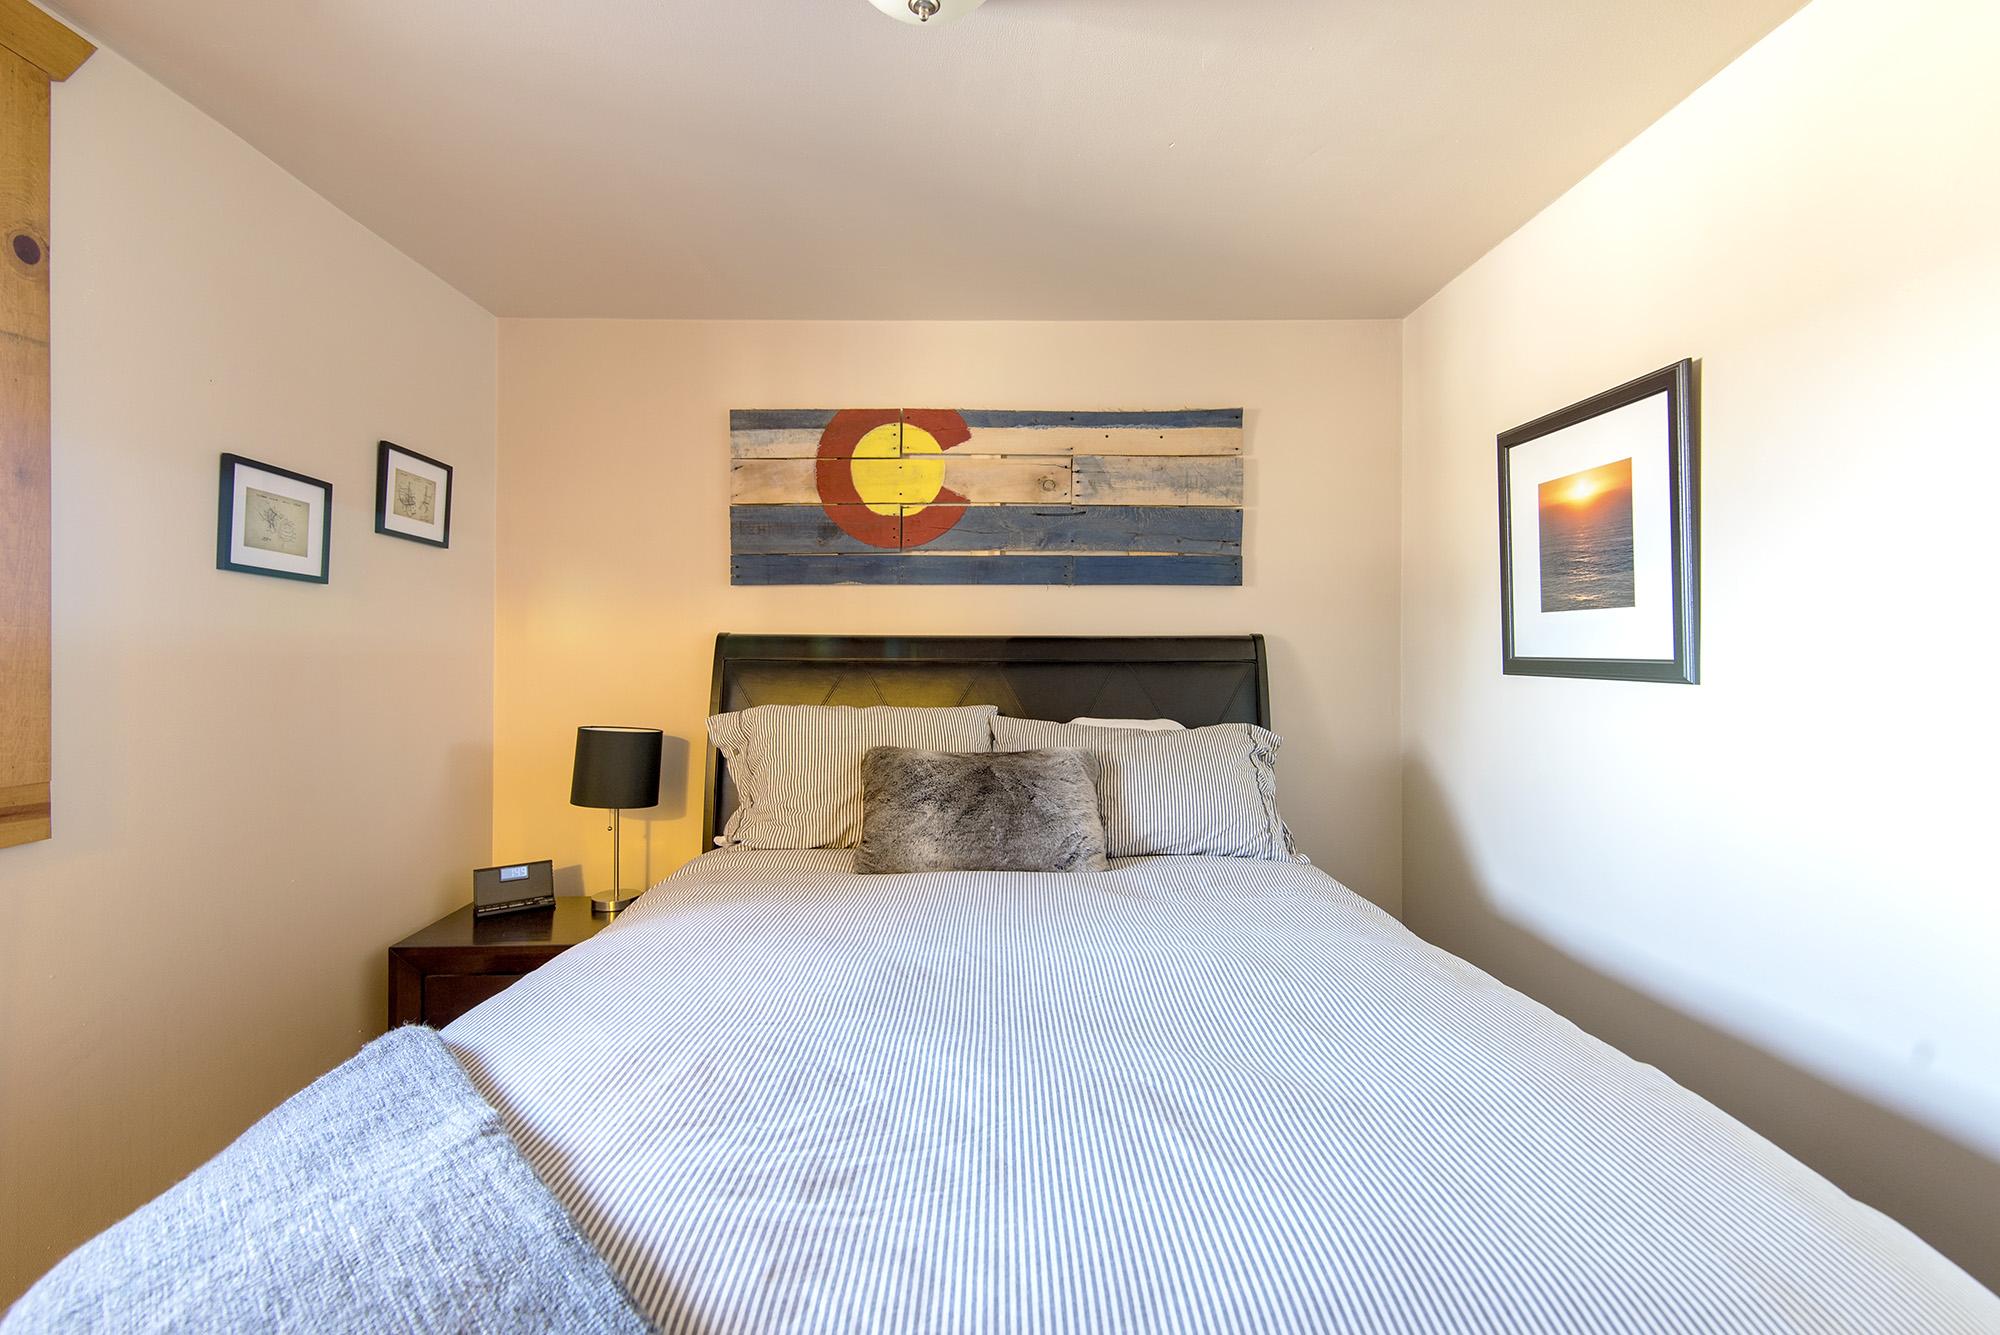 Bedroom 1: Queen size bed, sleeps 2.